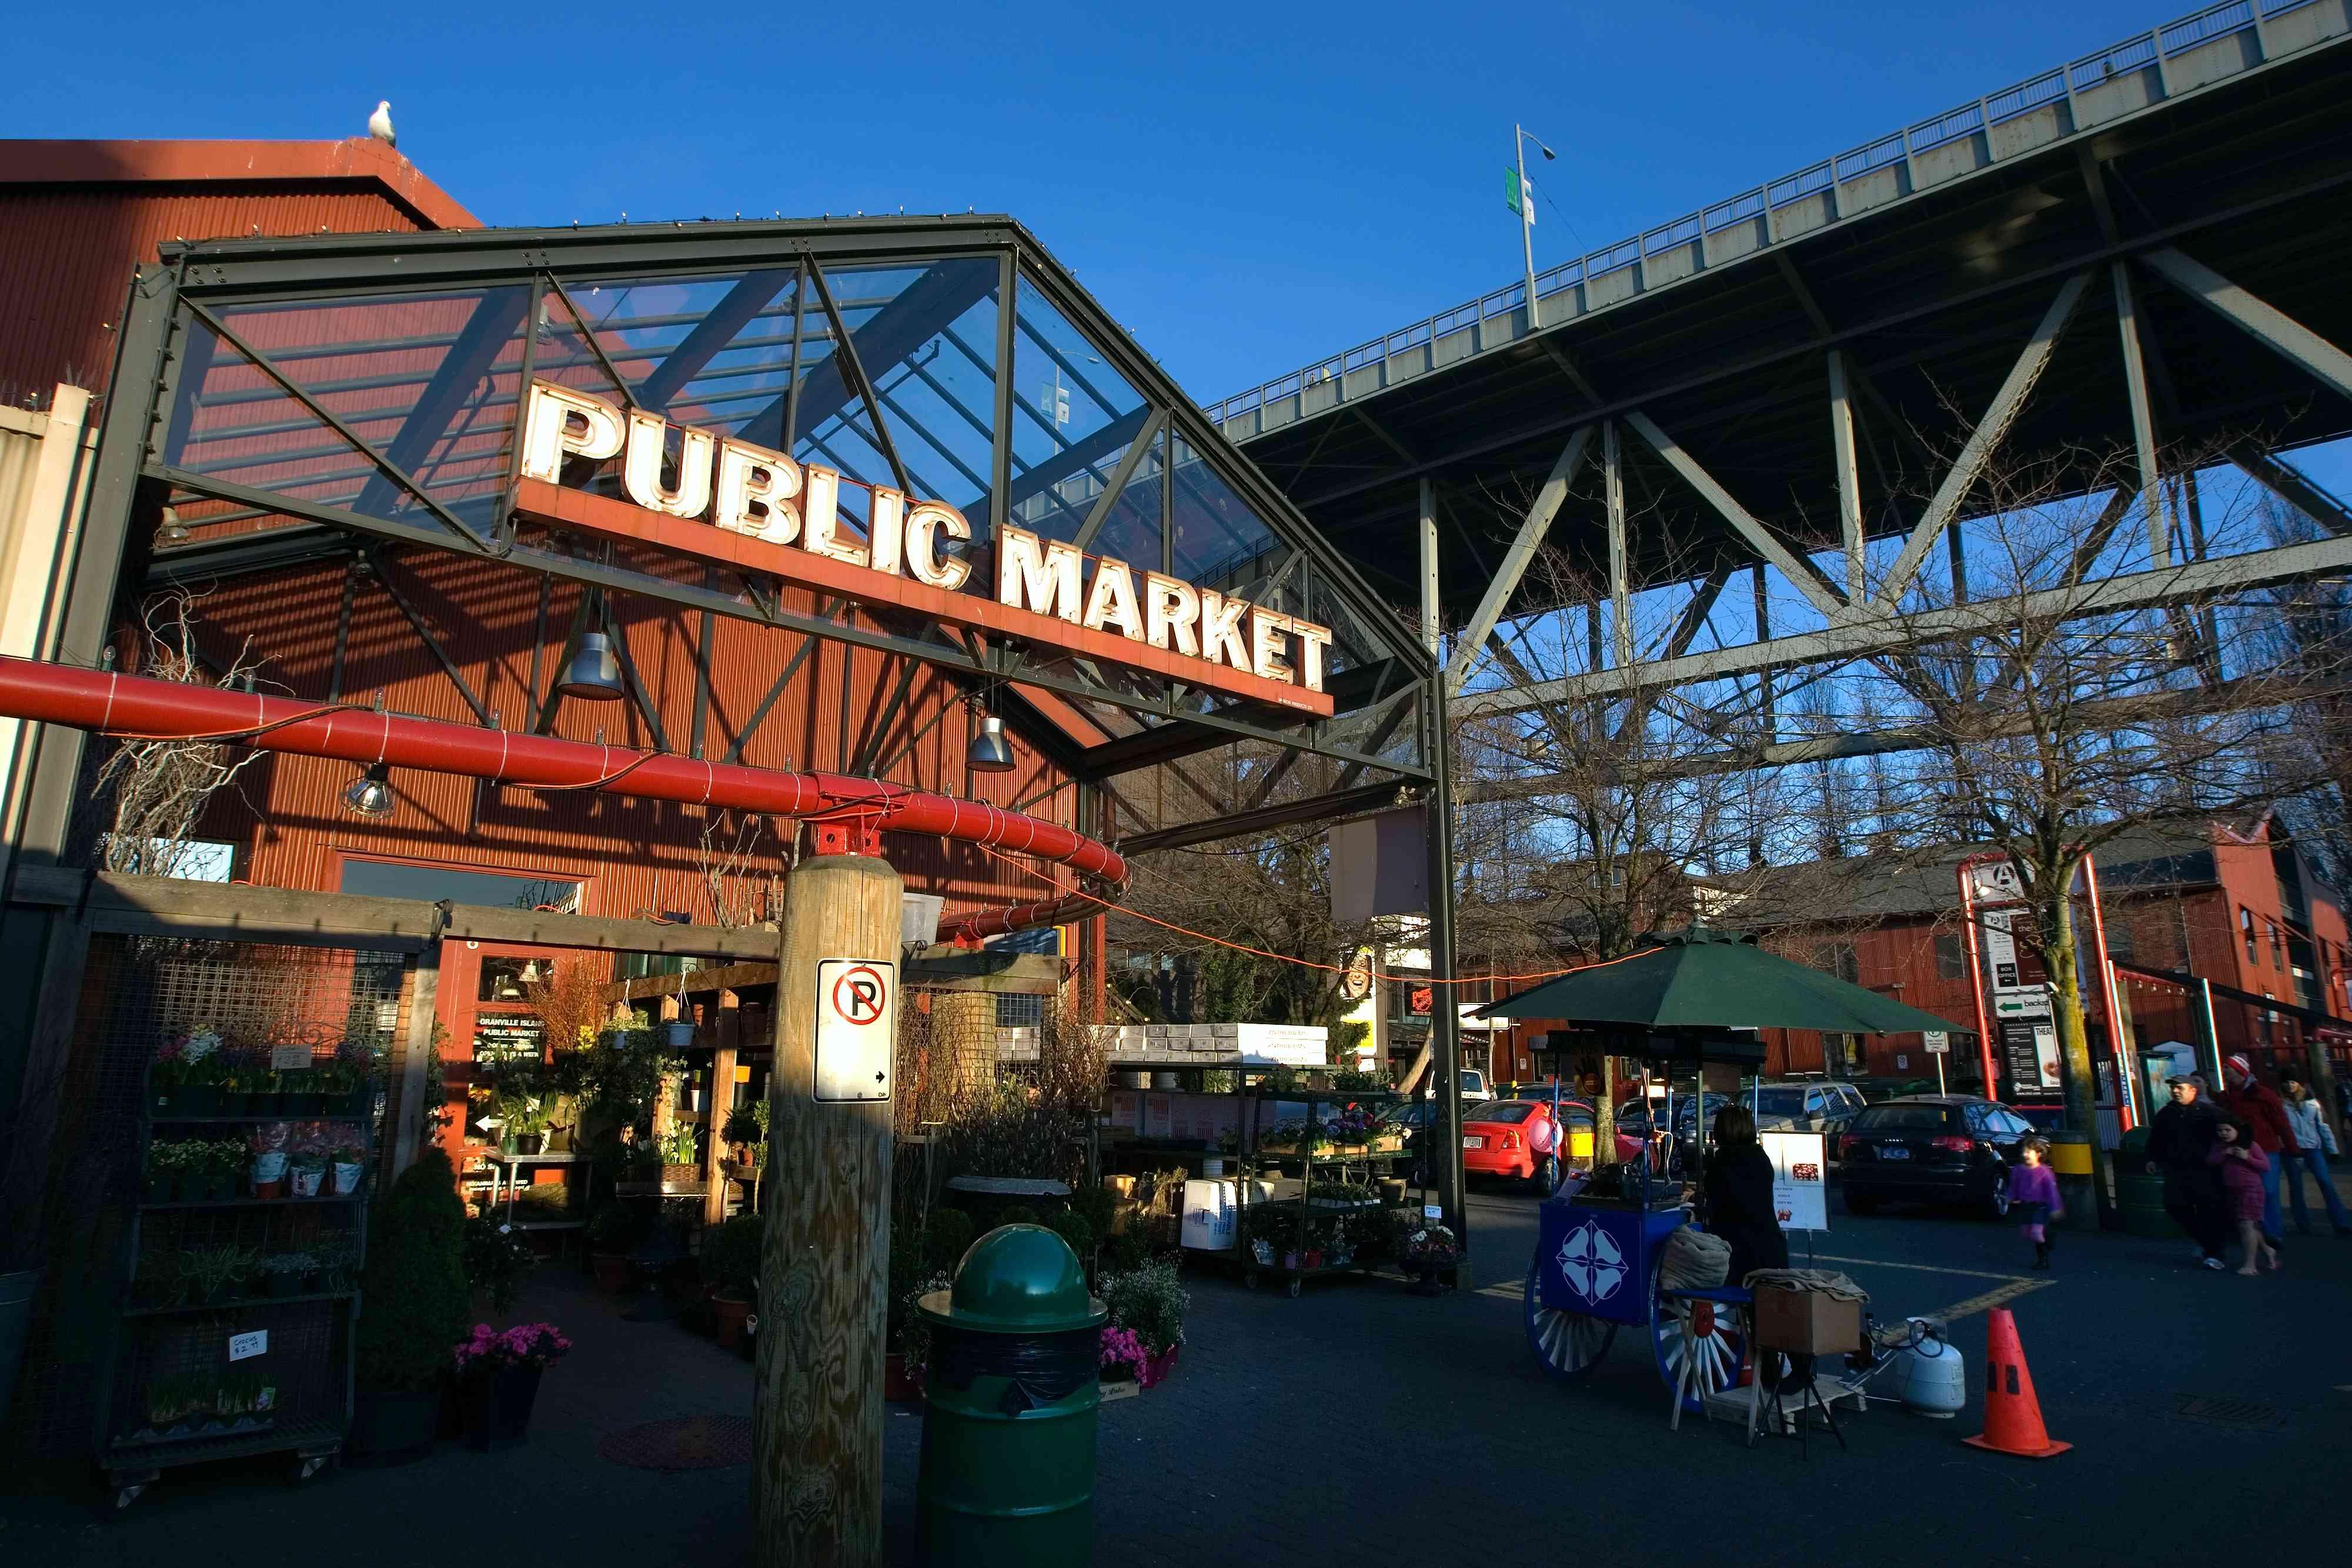 Vancouver, BC public market